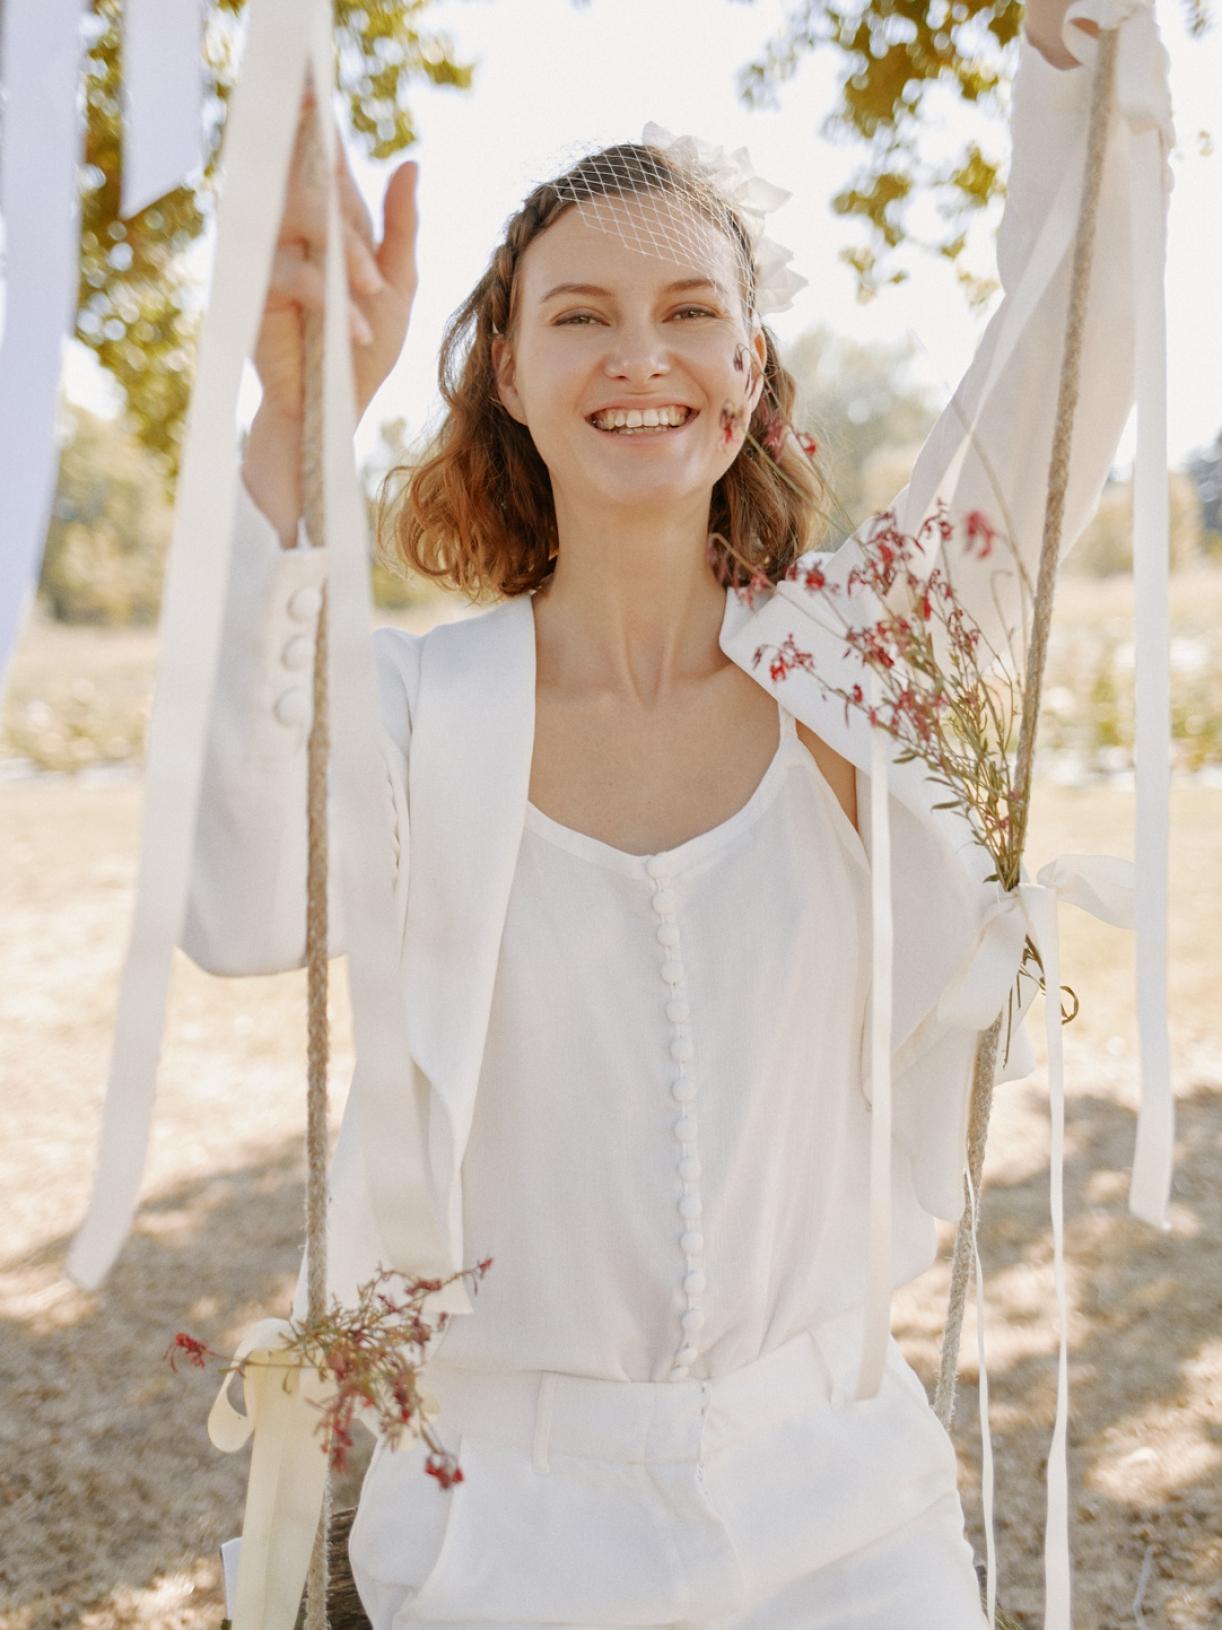 Veste tailleur de mariée blanc écoresponsable - Creatrice de robe de mariée éthique et bio a Paris - Myphilosophy